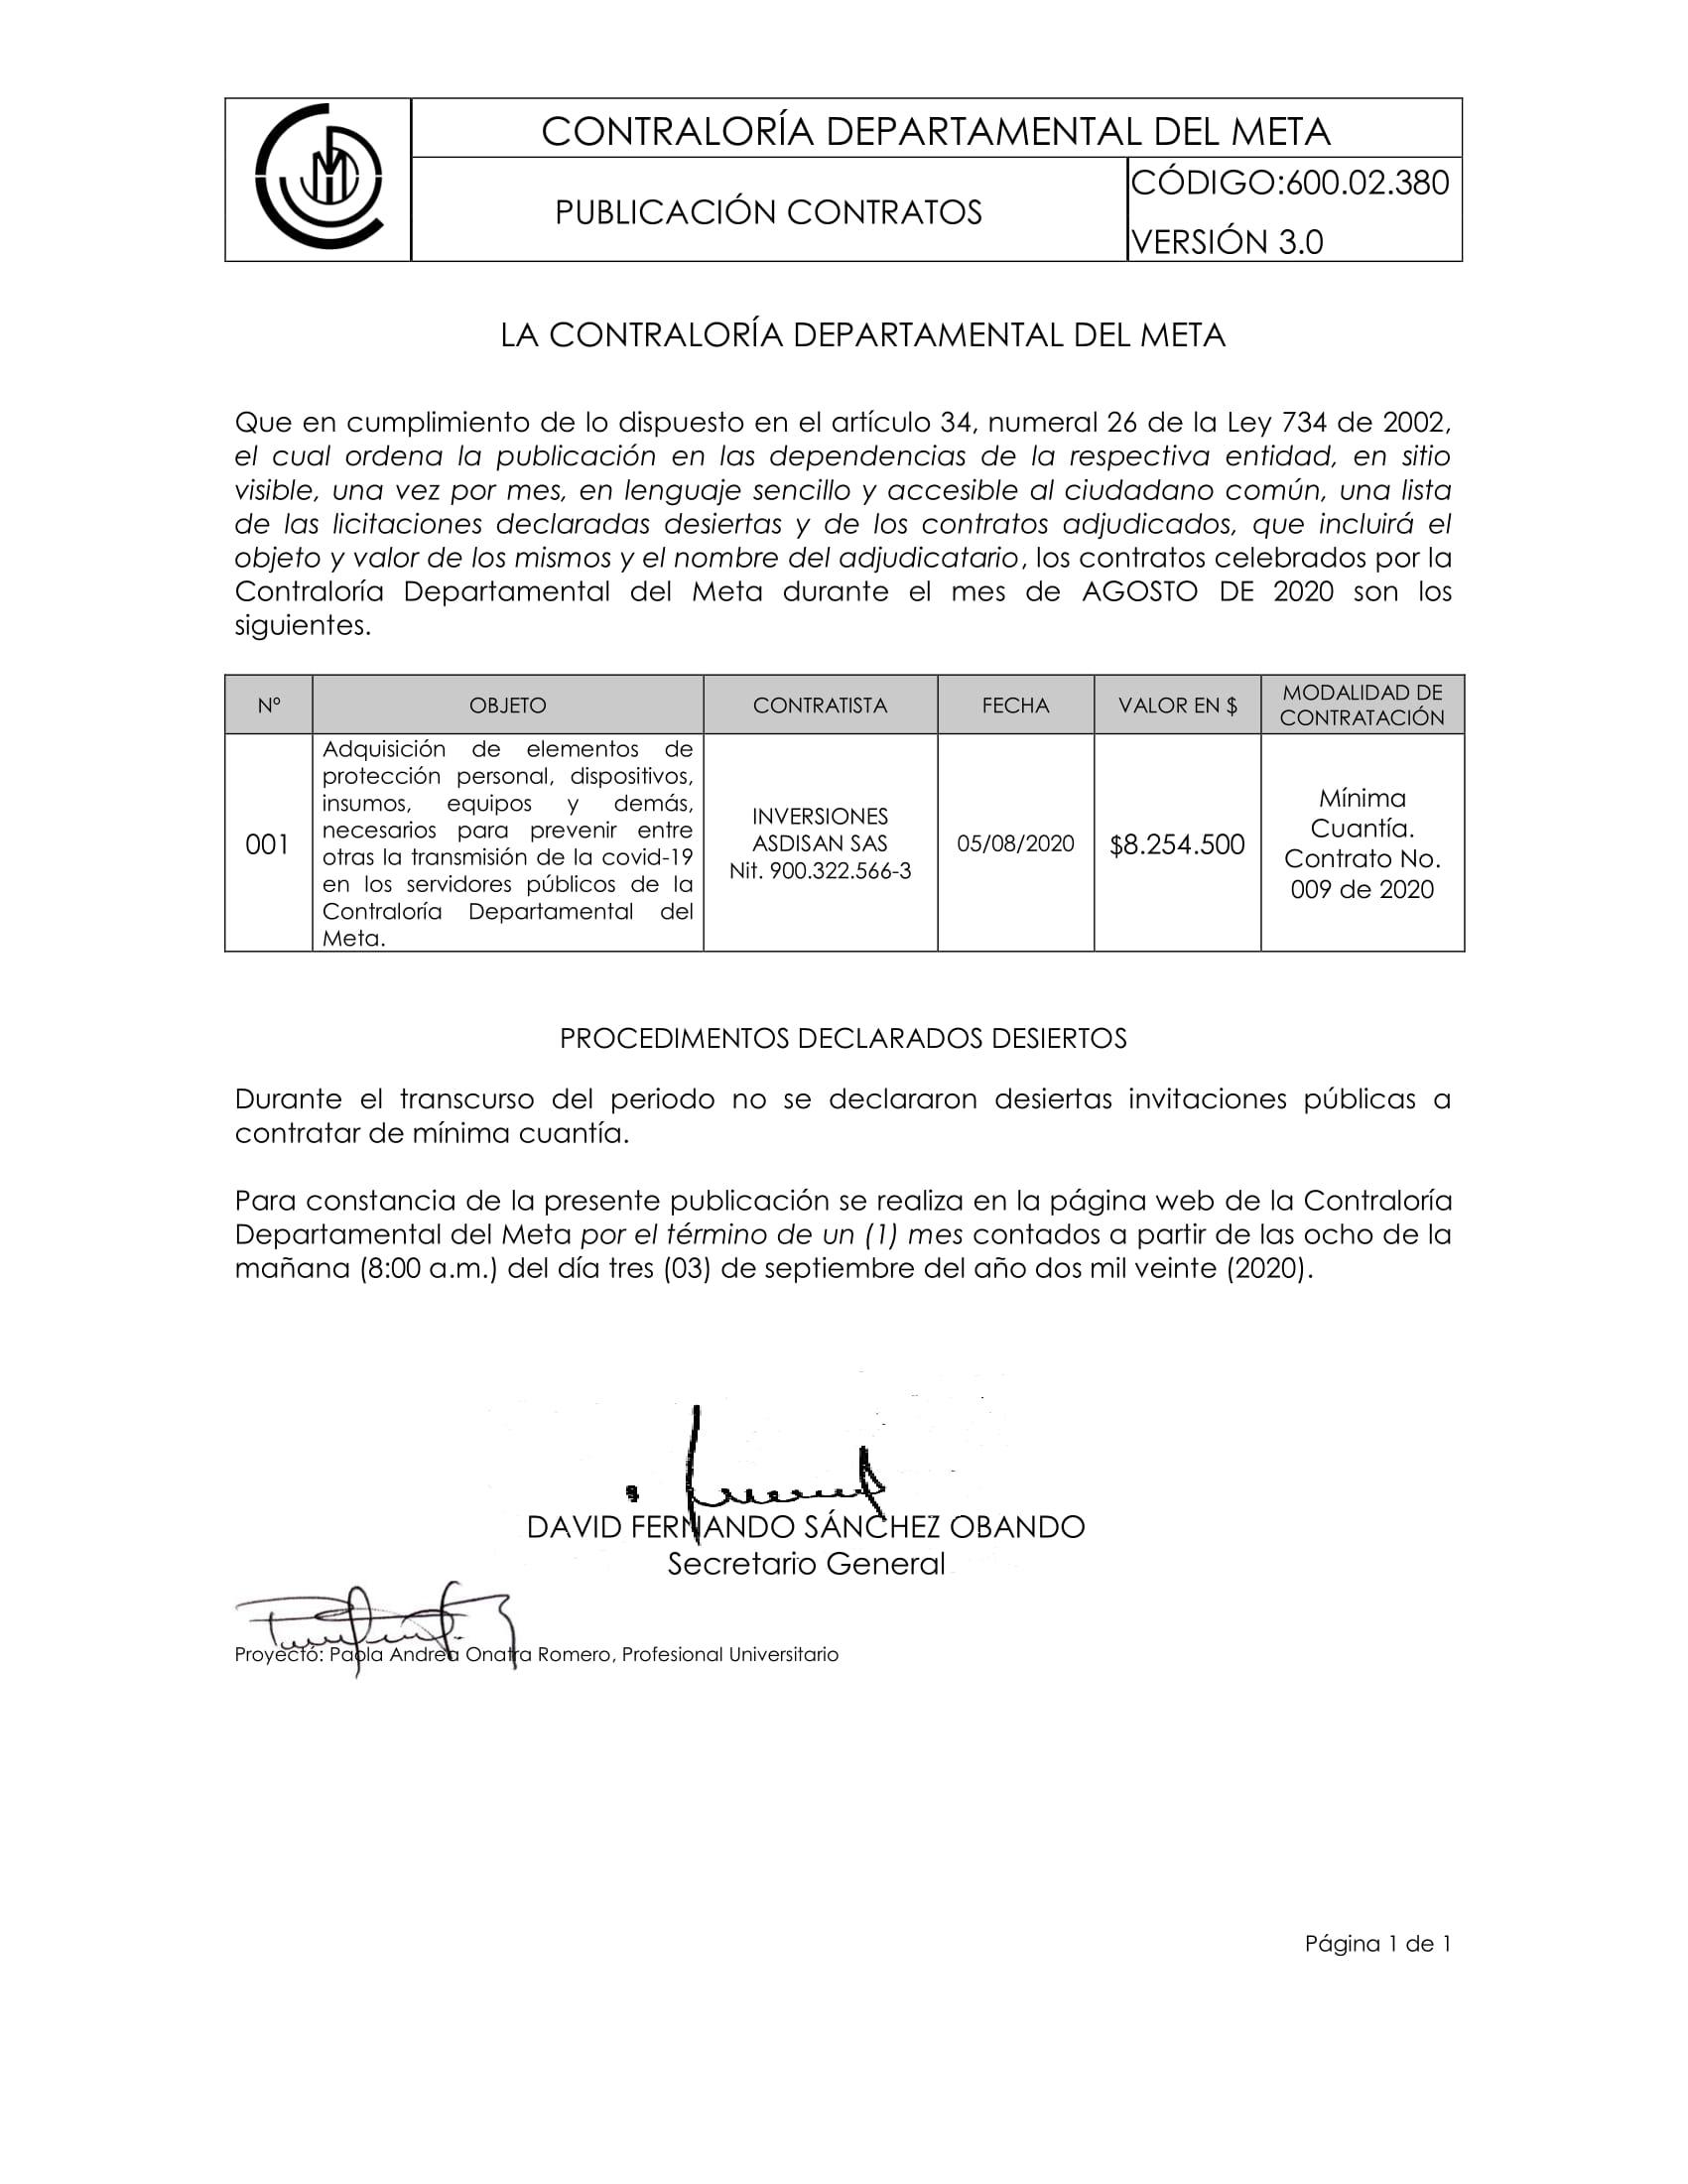 8_600-02-380_publicacion_contratos-agosto-2020-1